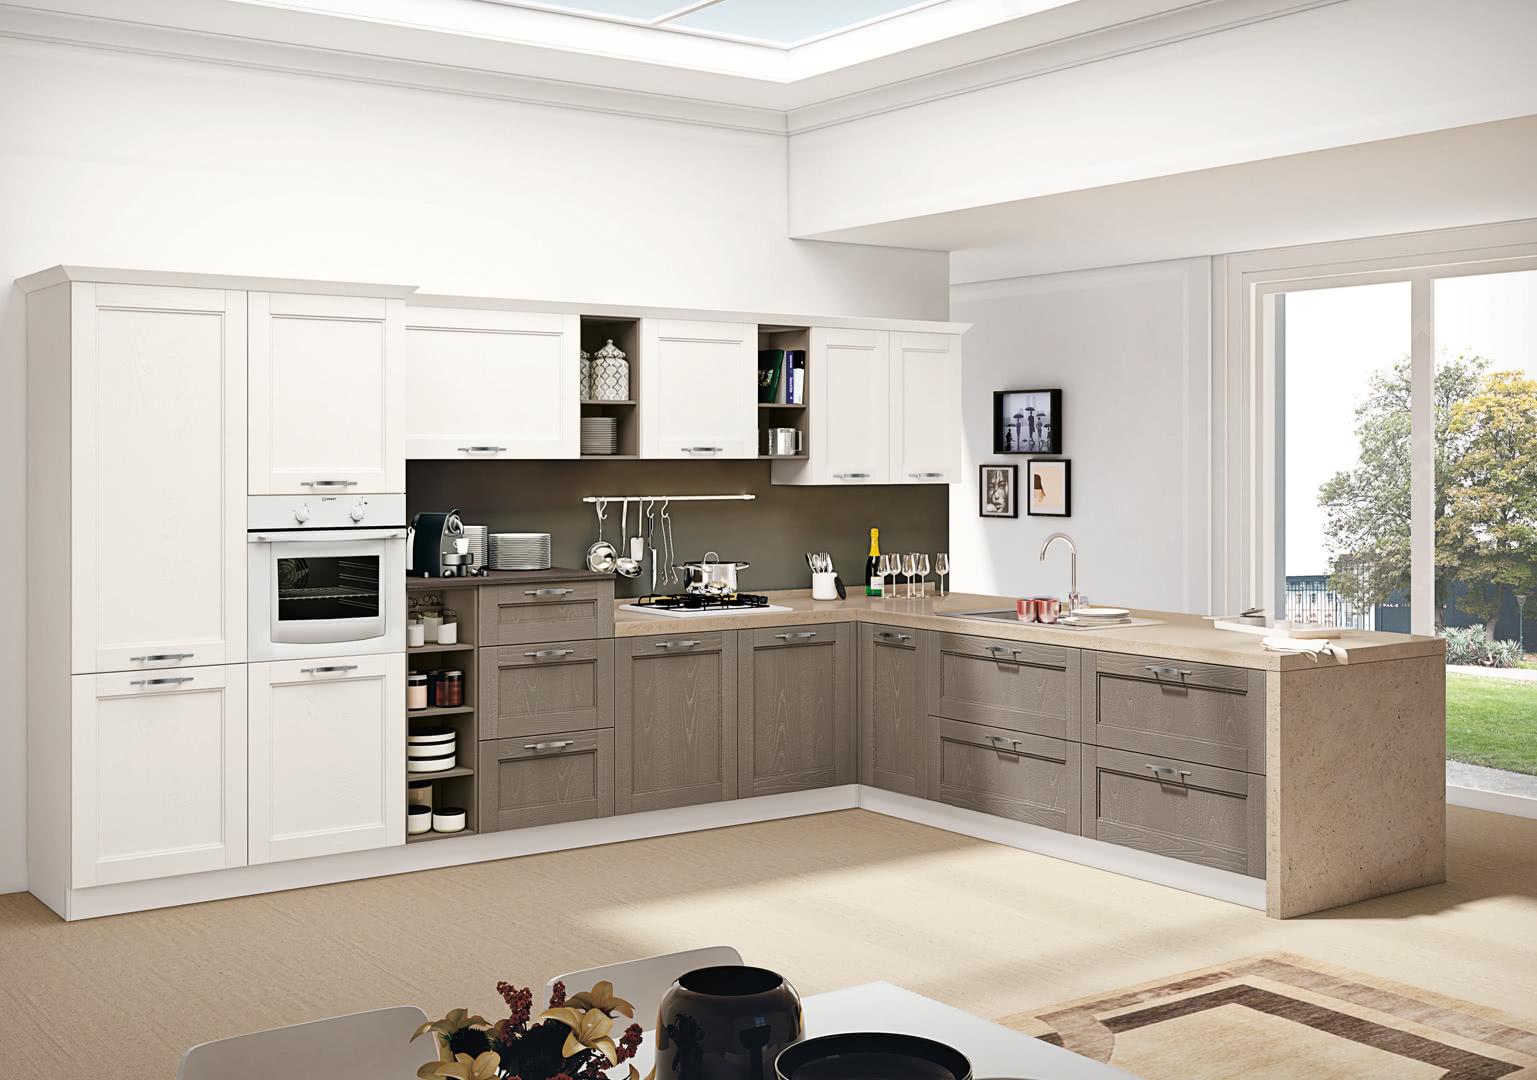 2670_1487-iris-cucina-ambientata-1